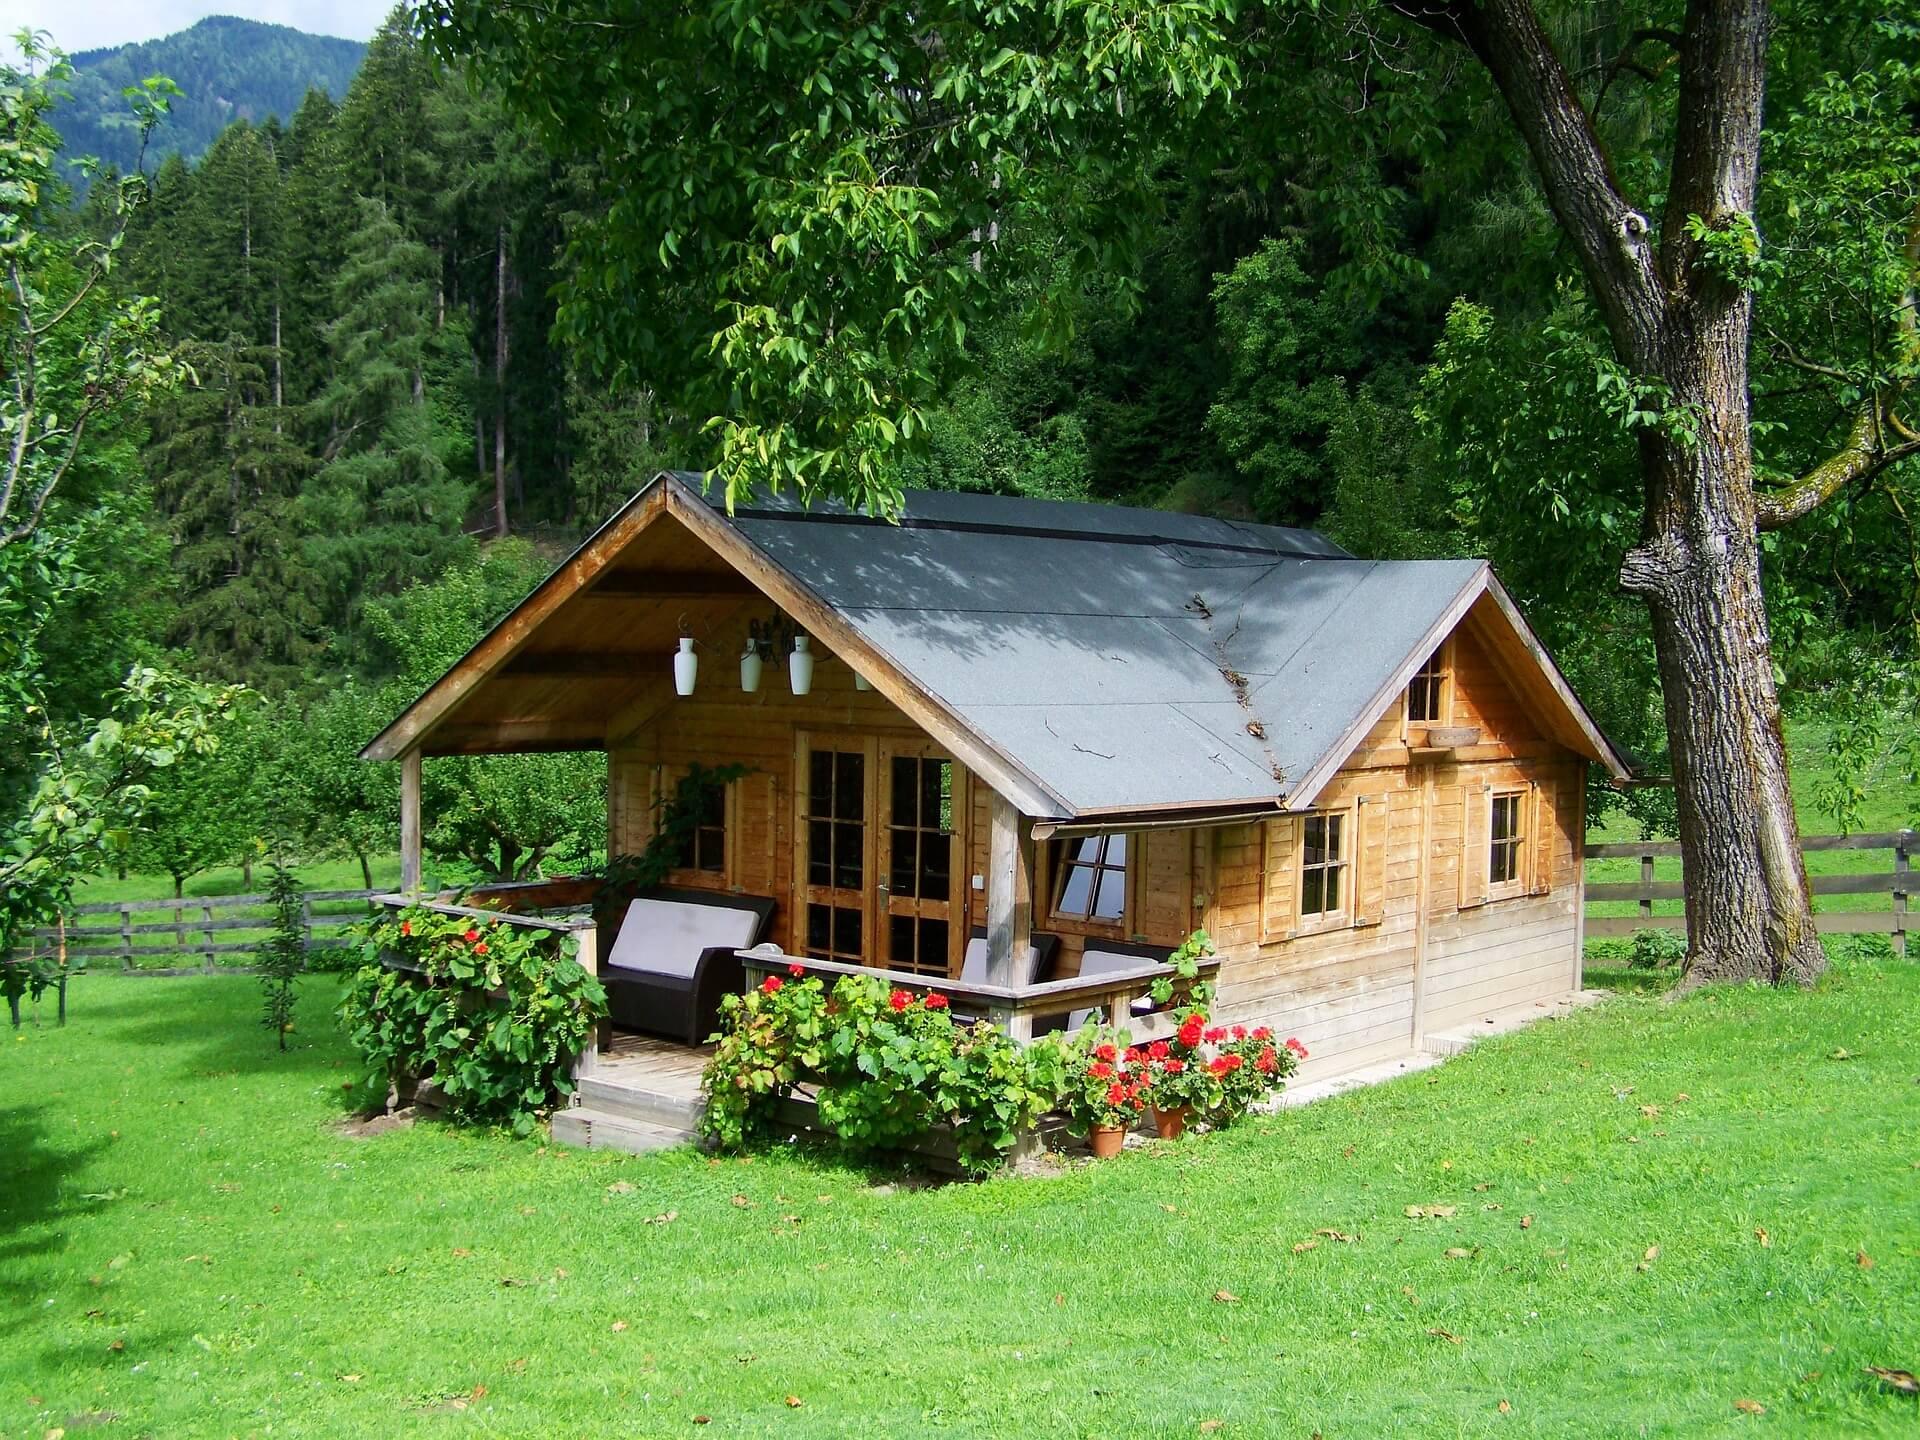 case din lemn versus case pe structura metalica